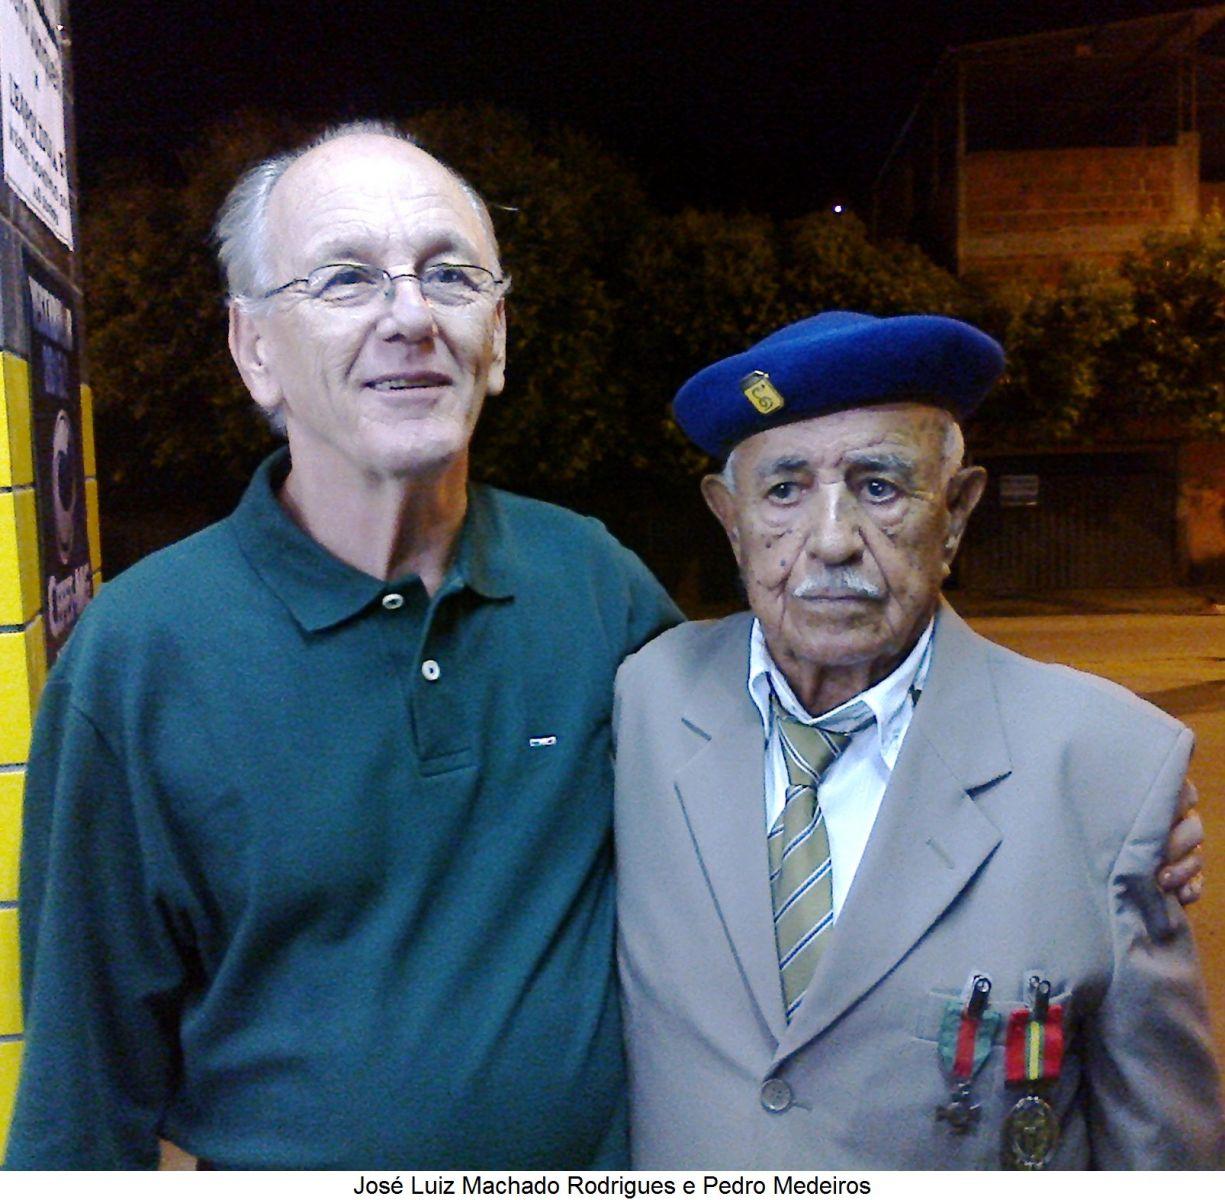 José Luiz Machado Rodrigues e o expedicionário Pedro Medeiros